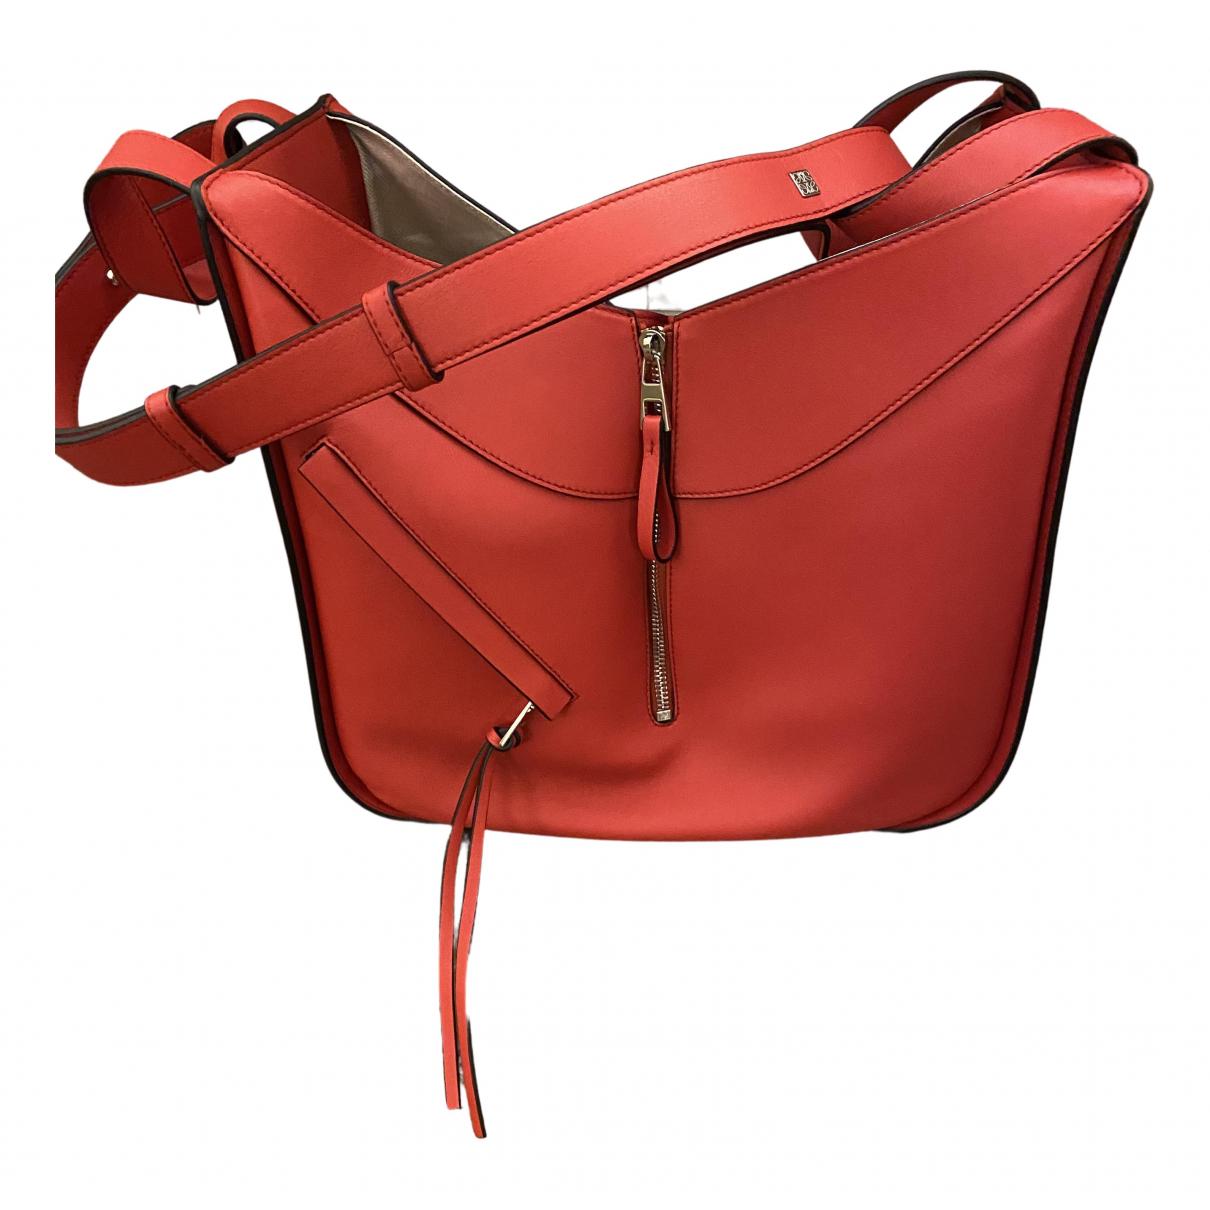 Loewe - Sac a main Hammock pour femme en cuir - rouge